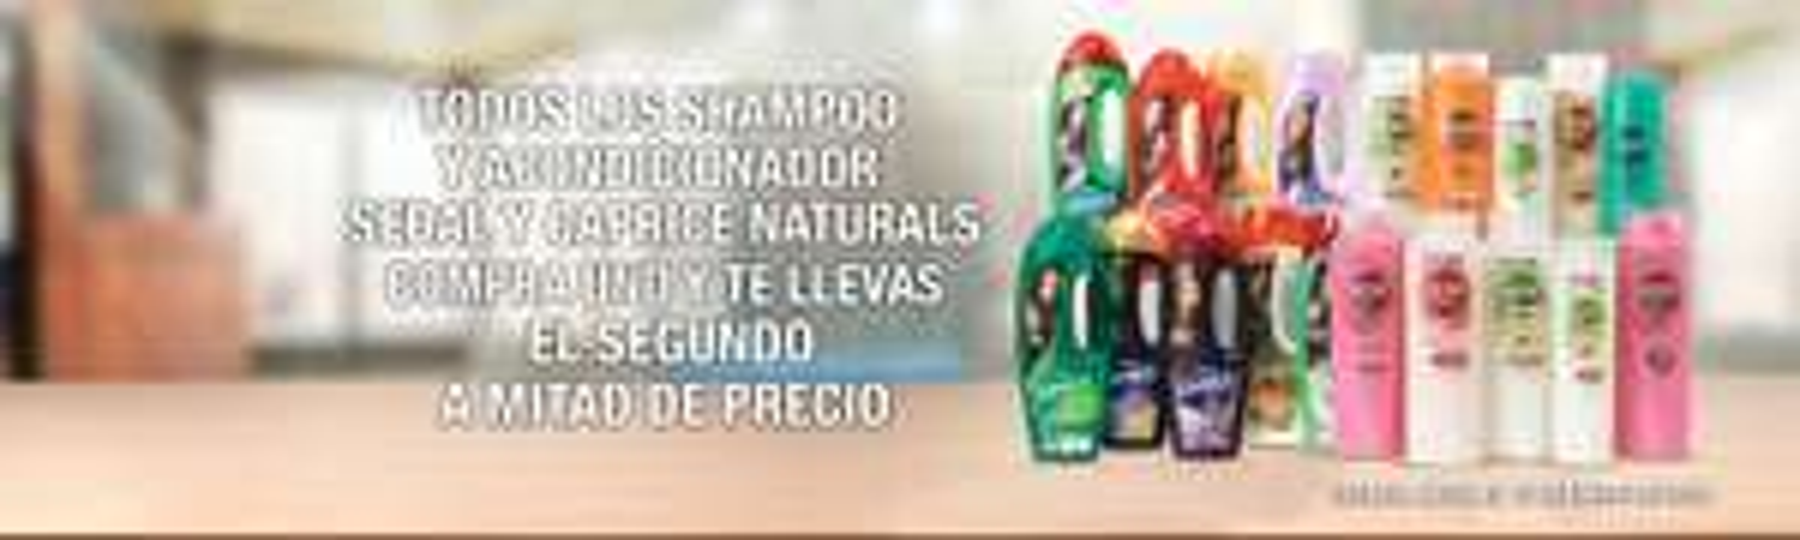 La Comer y Fresko: 2x1 1/2 en Shampoos y acondicionadores Sedal y Caprice Naturals